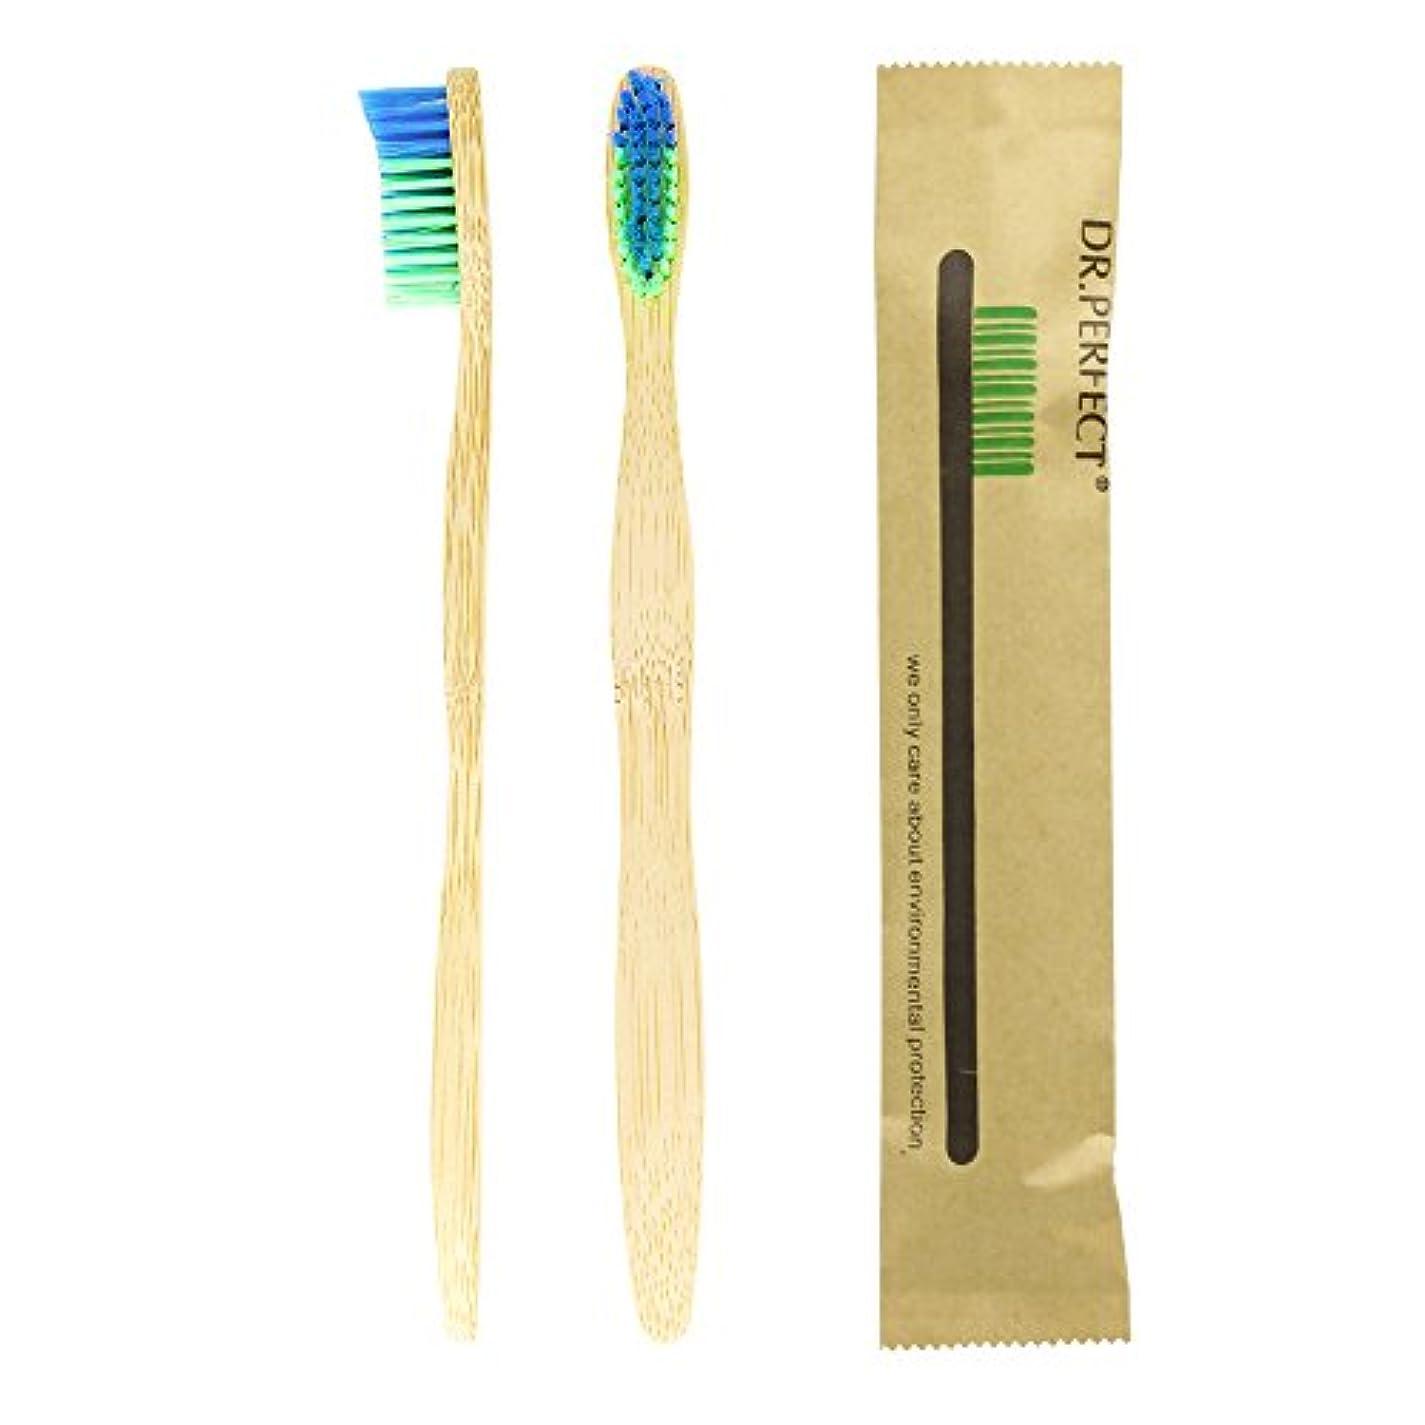 援助する朝の体操をする思いやりDr.Perfect 歯ブラシアダルト竹の歯ブラシ ナイロン毛